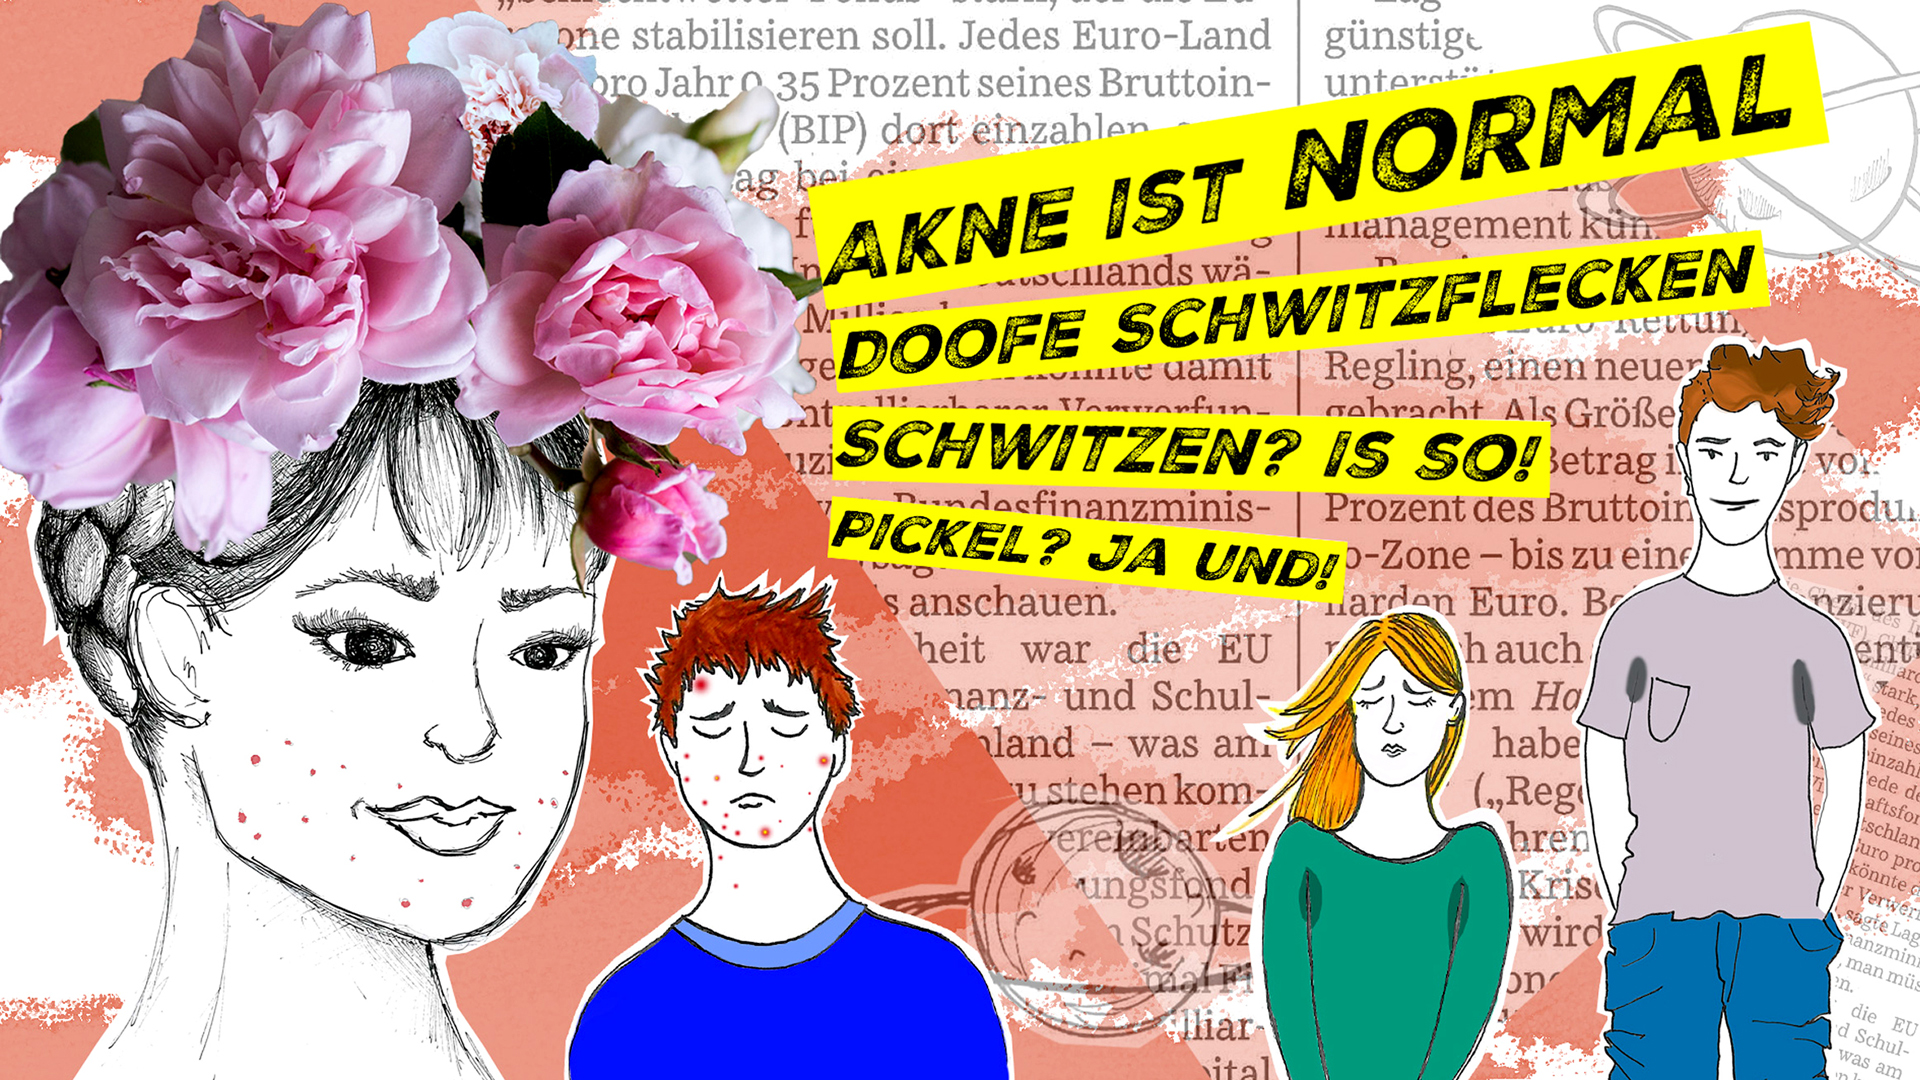 """Der Sender Kika bietet in Zusammenarbeit mit dem Diakonischen Werk die Sendung """"Kummerkasten"""